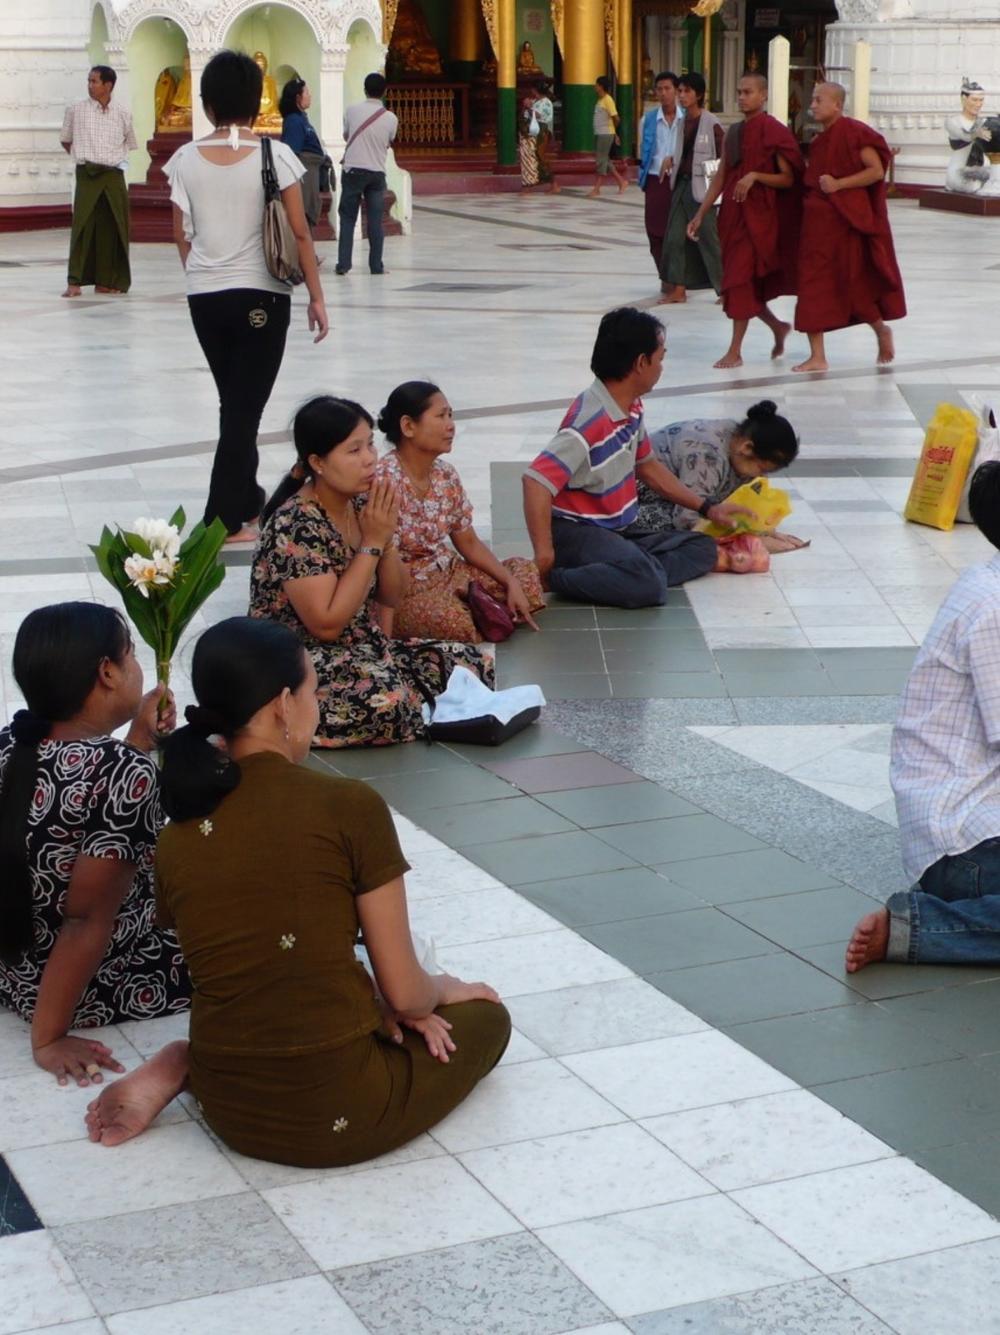 Buddhistische Mönche und Gläubige in einem Tempel, Thailand